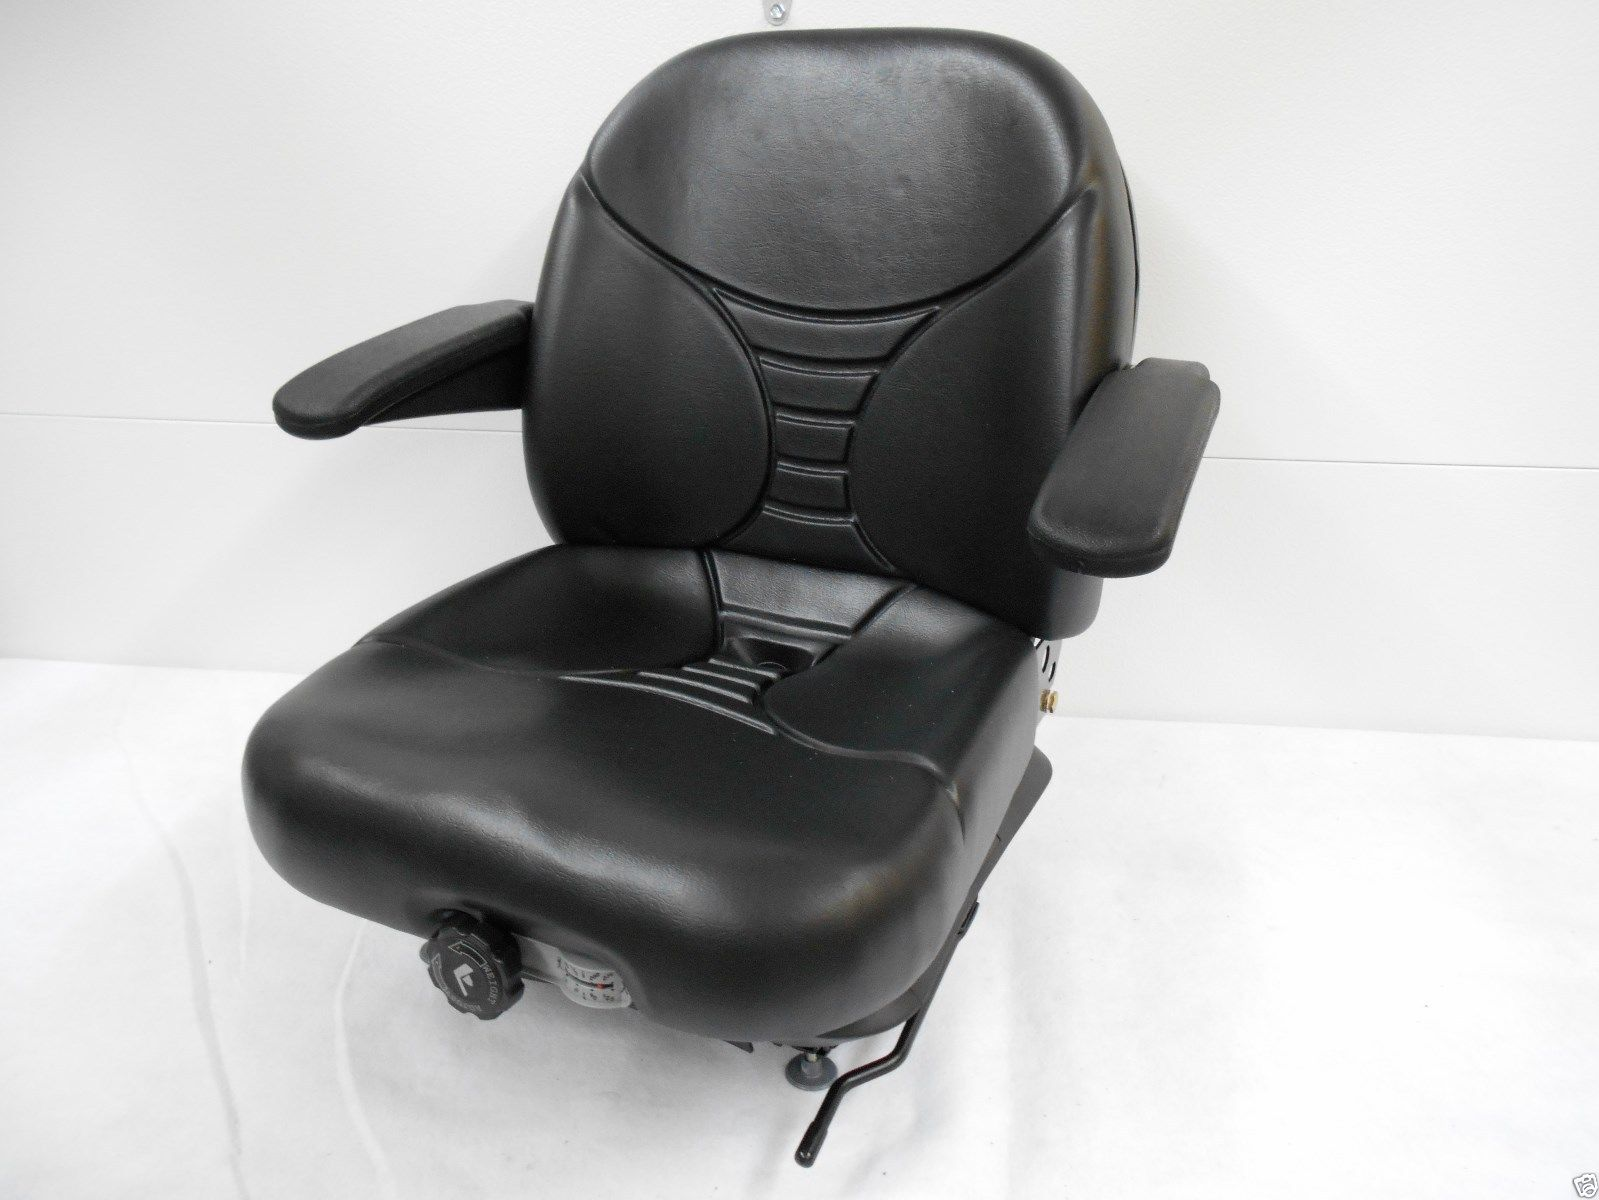 Black Suspension Seat Ariens Gravely Dixon Deere